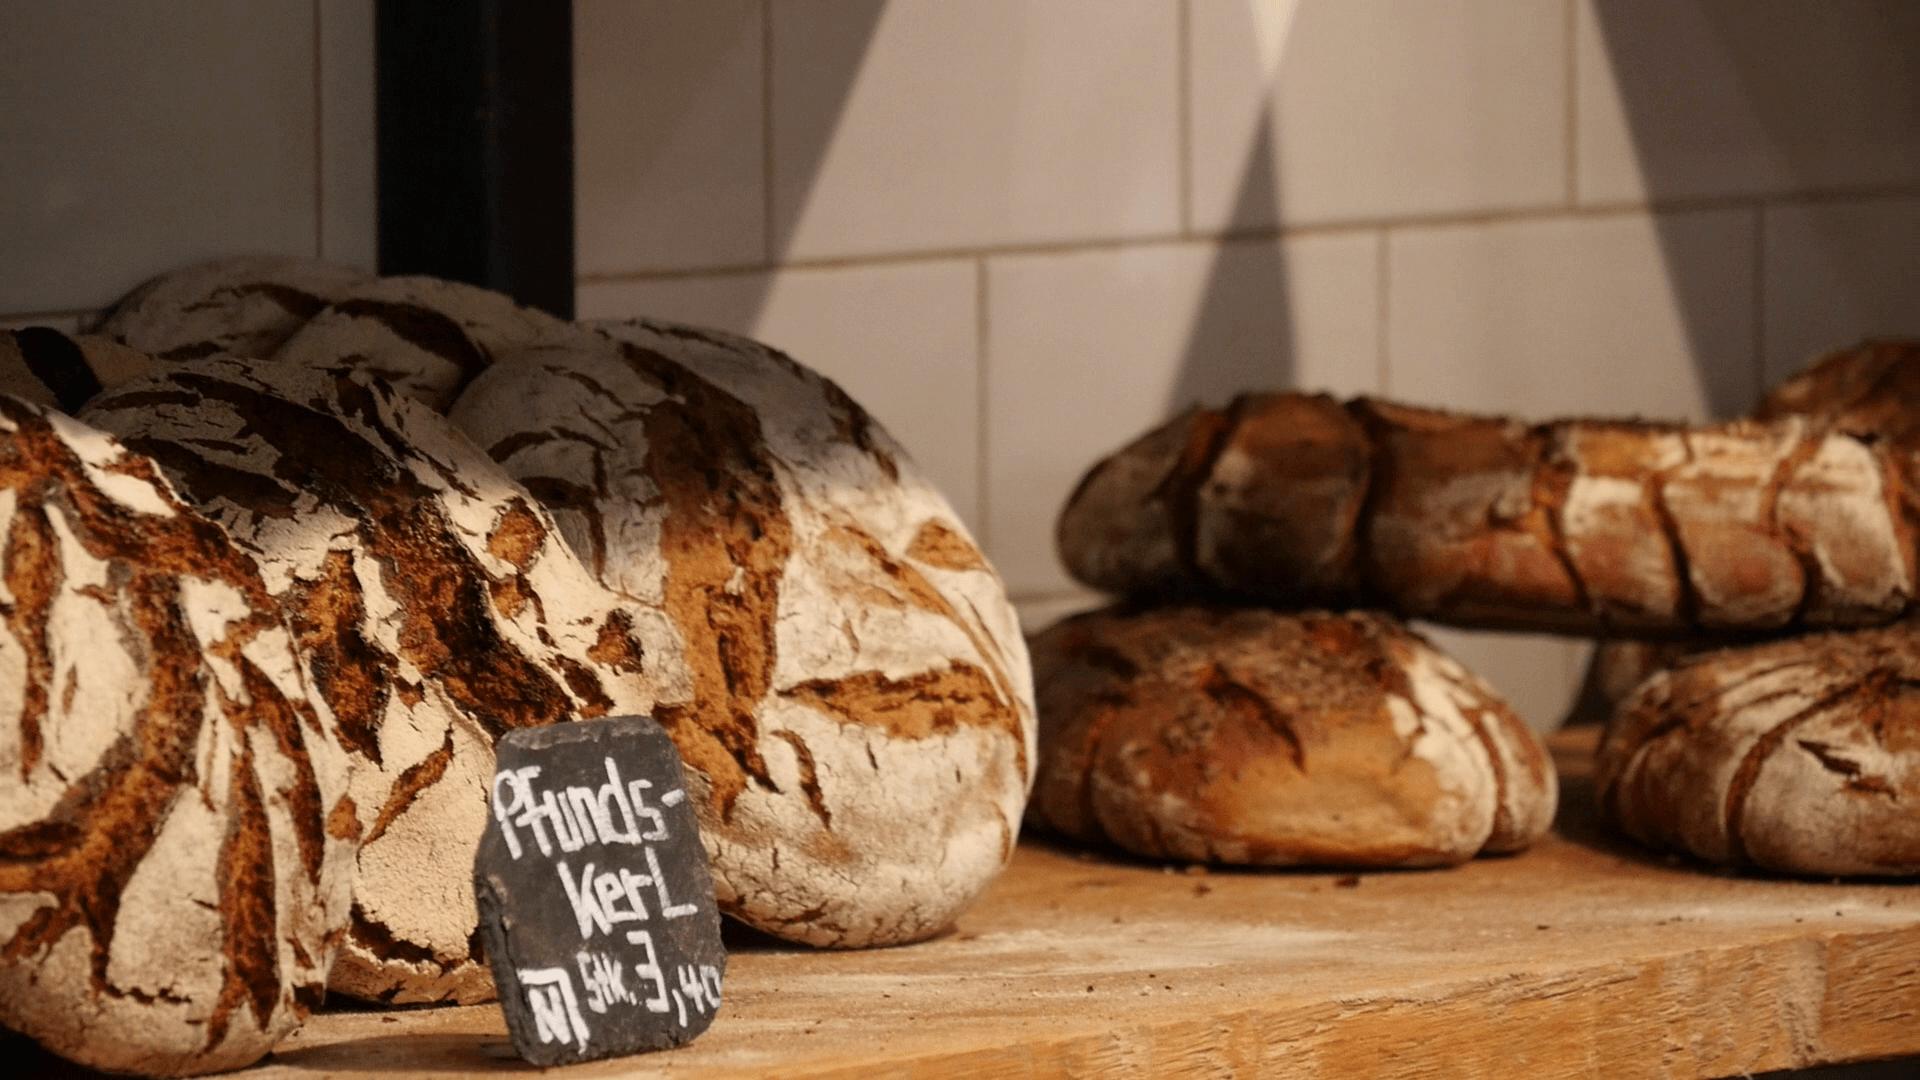 Die Bio-Backwaren der Lokalbäckerei BrotZeit werden aus regionalen Zutaten in Handarbeit hergestellt